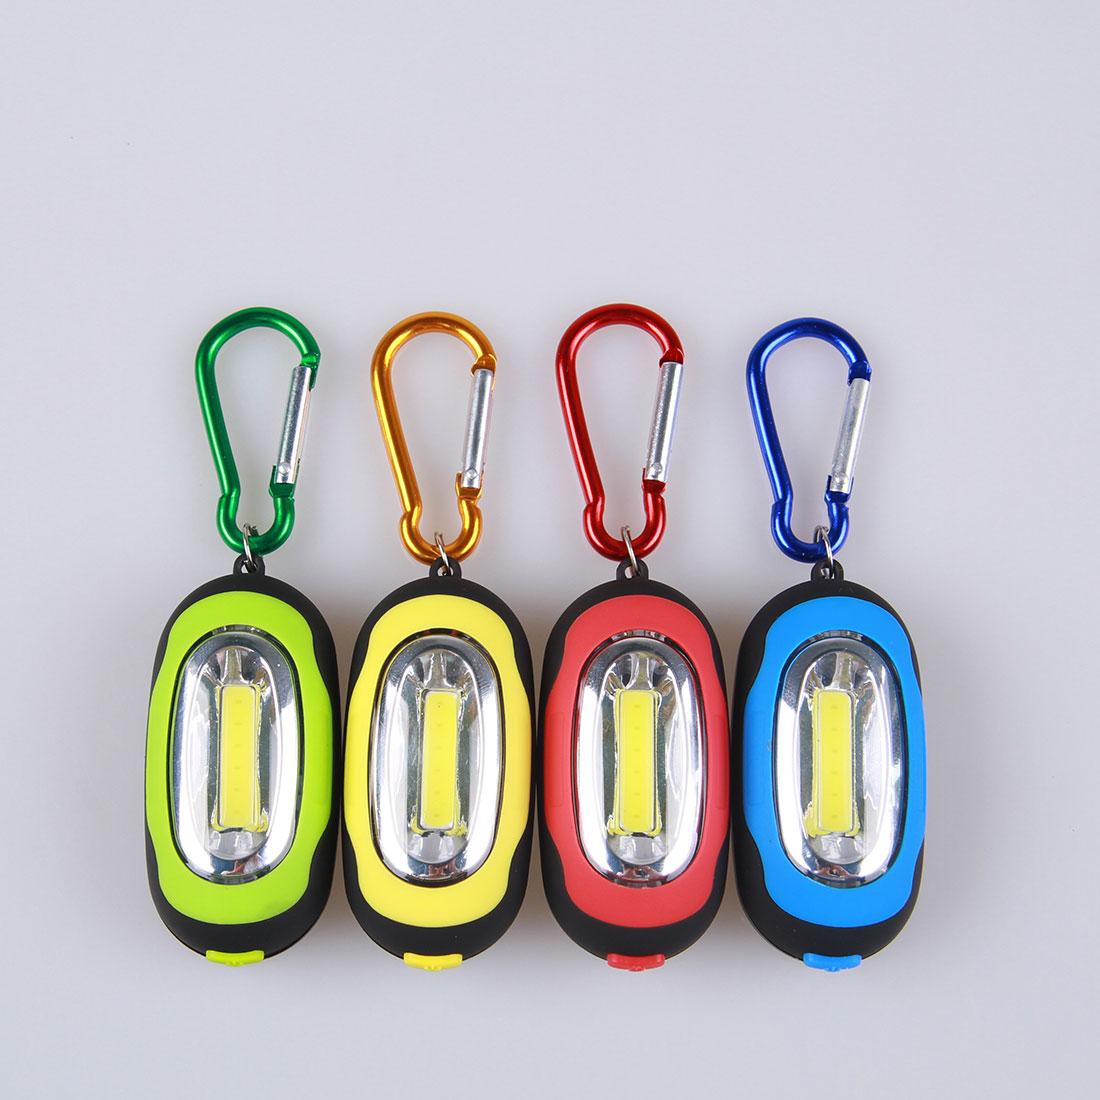 Новый мини 25lm 3 режима Портативный фонарик УДАРА СВЕТОДИОДНЫЙ ночник Брелок Факел Flash Брелок Best подарок